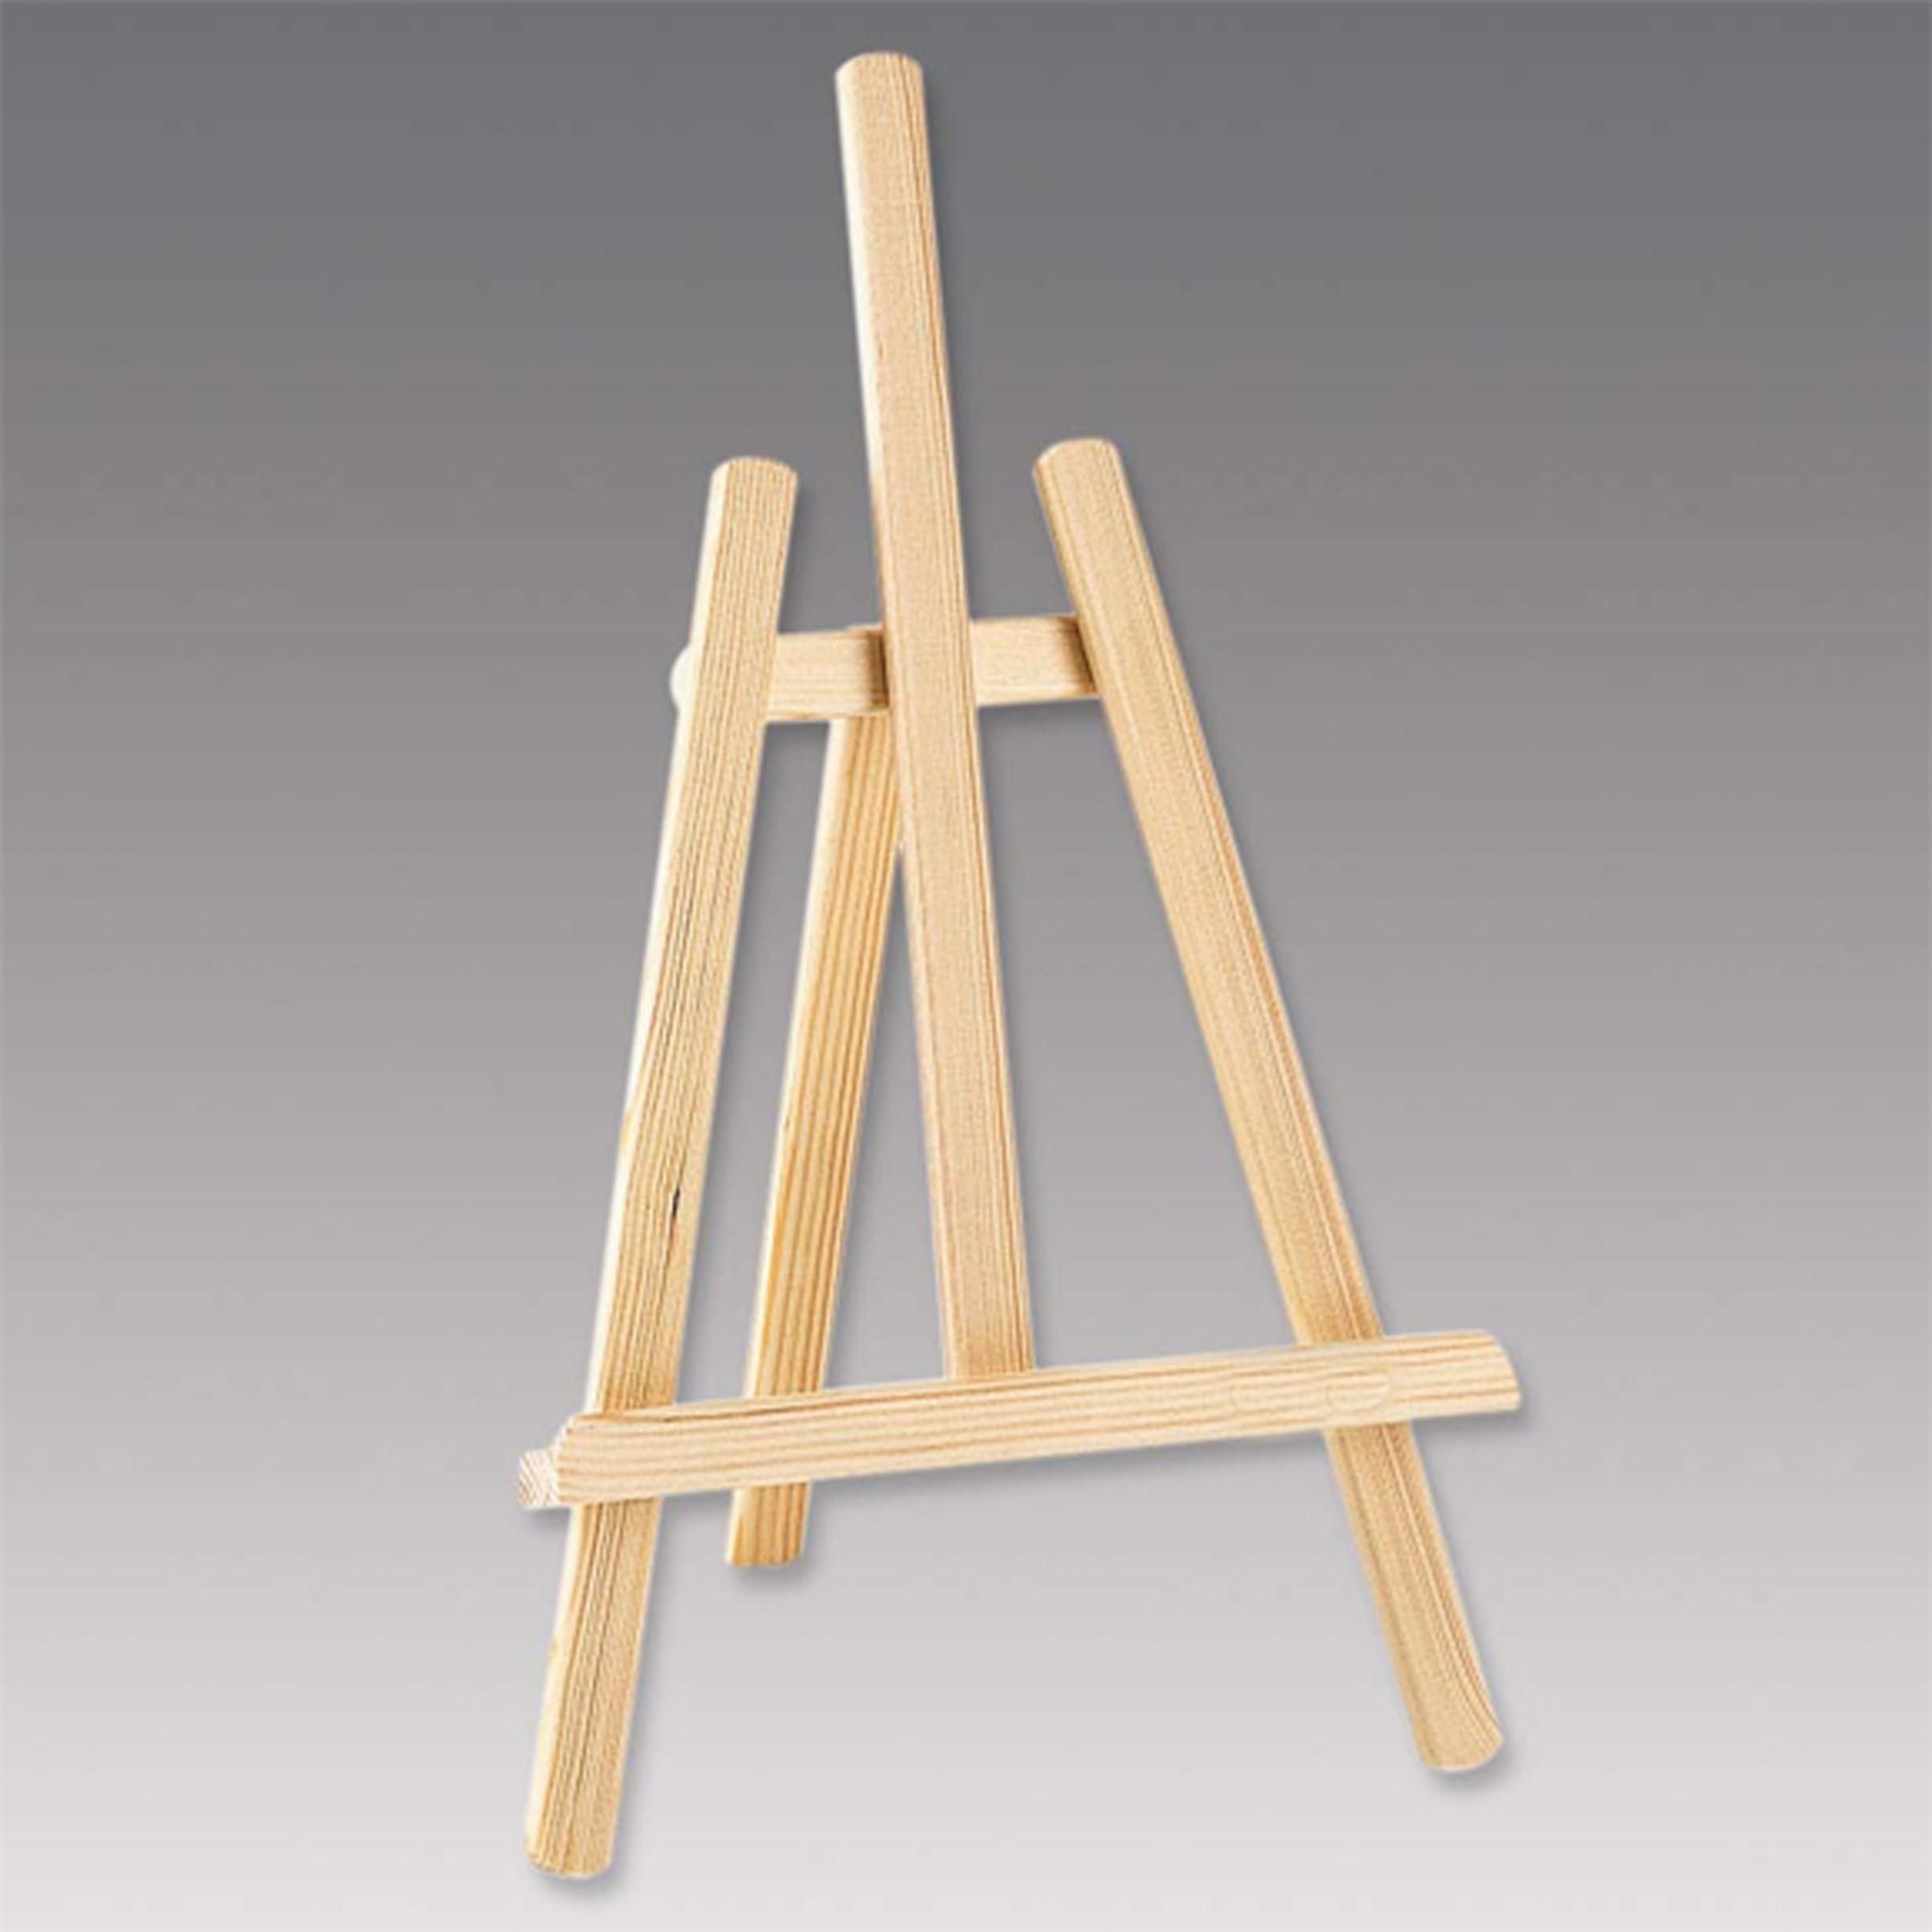 #A16F2A Mini Cavalete Marcador de Mesa Elo7 2417x2417 px cavalete para mesa de madeira @ bernauer.info Móveis Antigos Novos E Usados Online